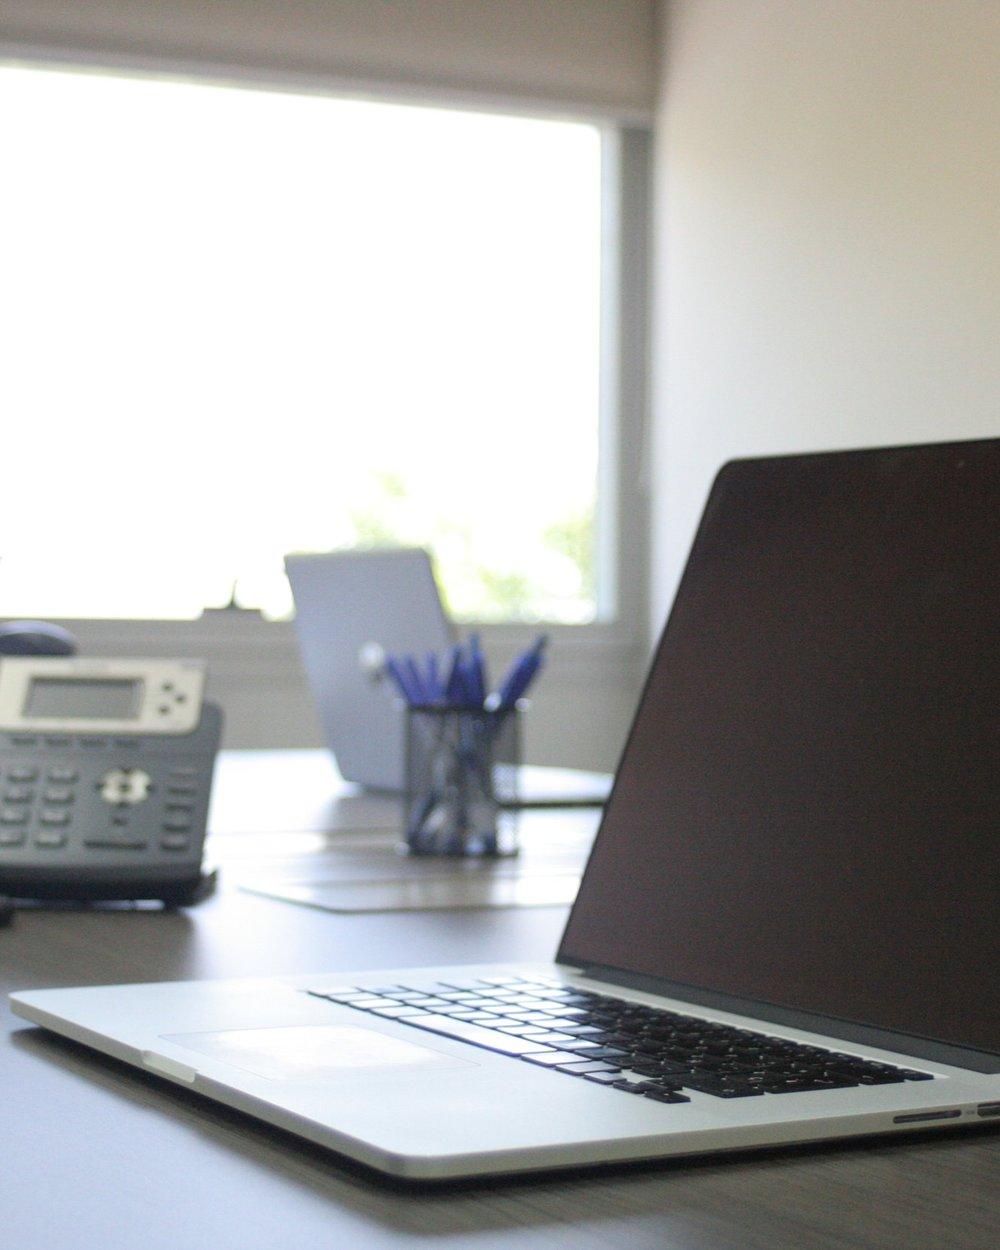 OFICINAVIRTUALY DOMICILIACIÓN - —Puedes alojar la sede o domicilio social de tu negocio en Madrid a través de sencillos pasos. Solicita información. DESDE 24.90€/MES